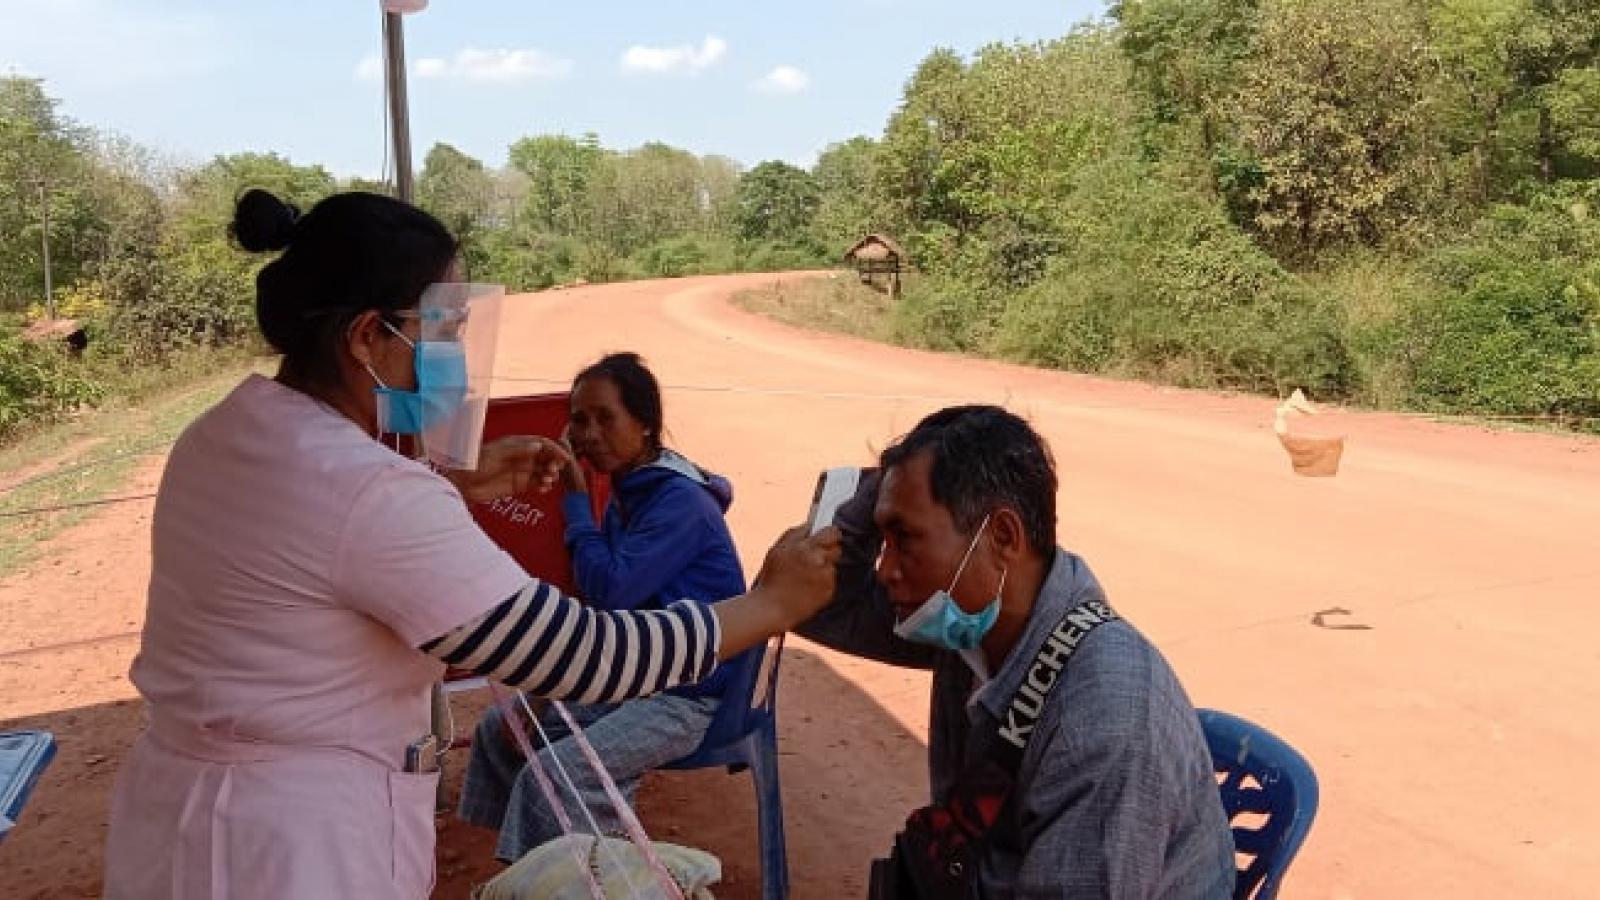 Nhiều tỉnh thành của Lào áp đặt lệnh phong tỏa chống dịch Covid-19